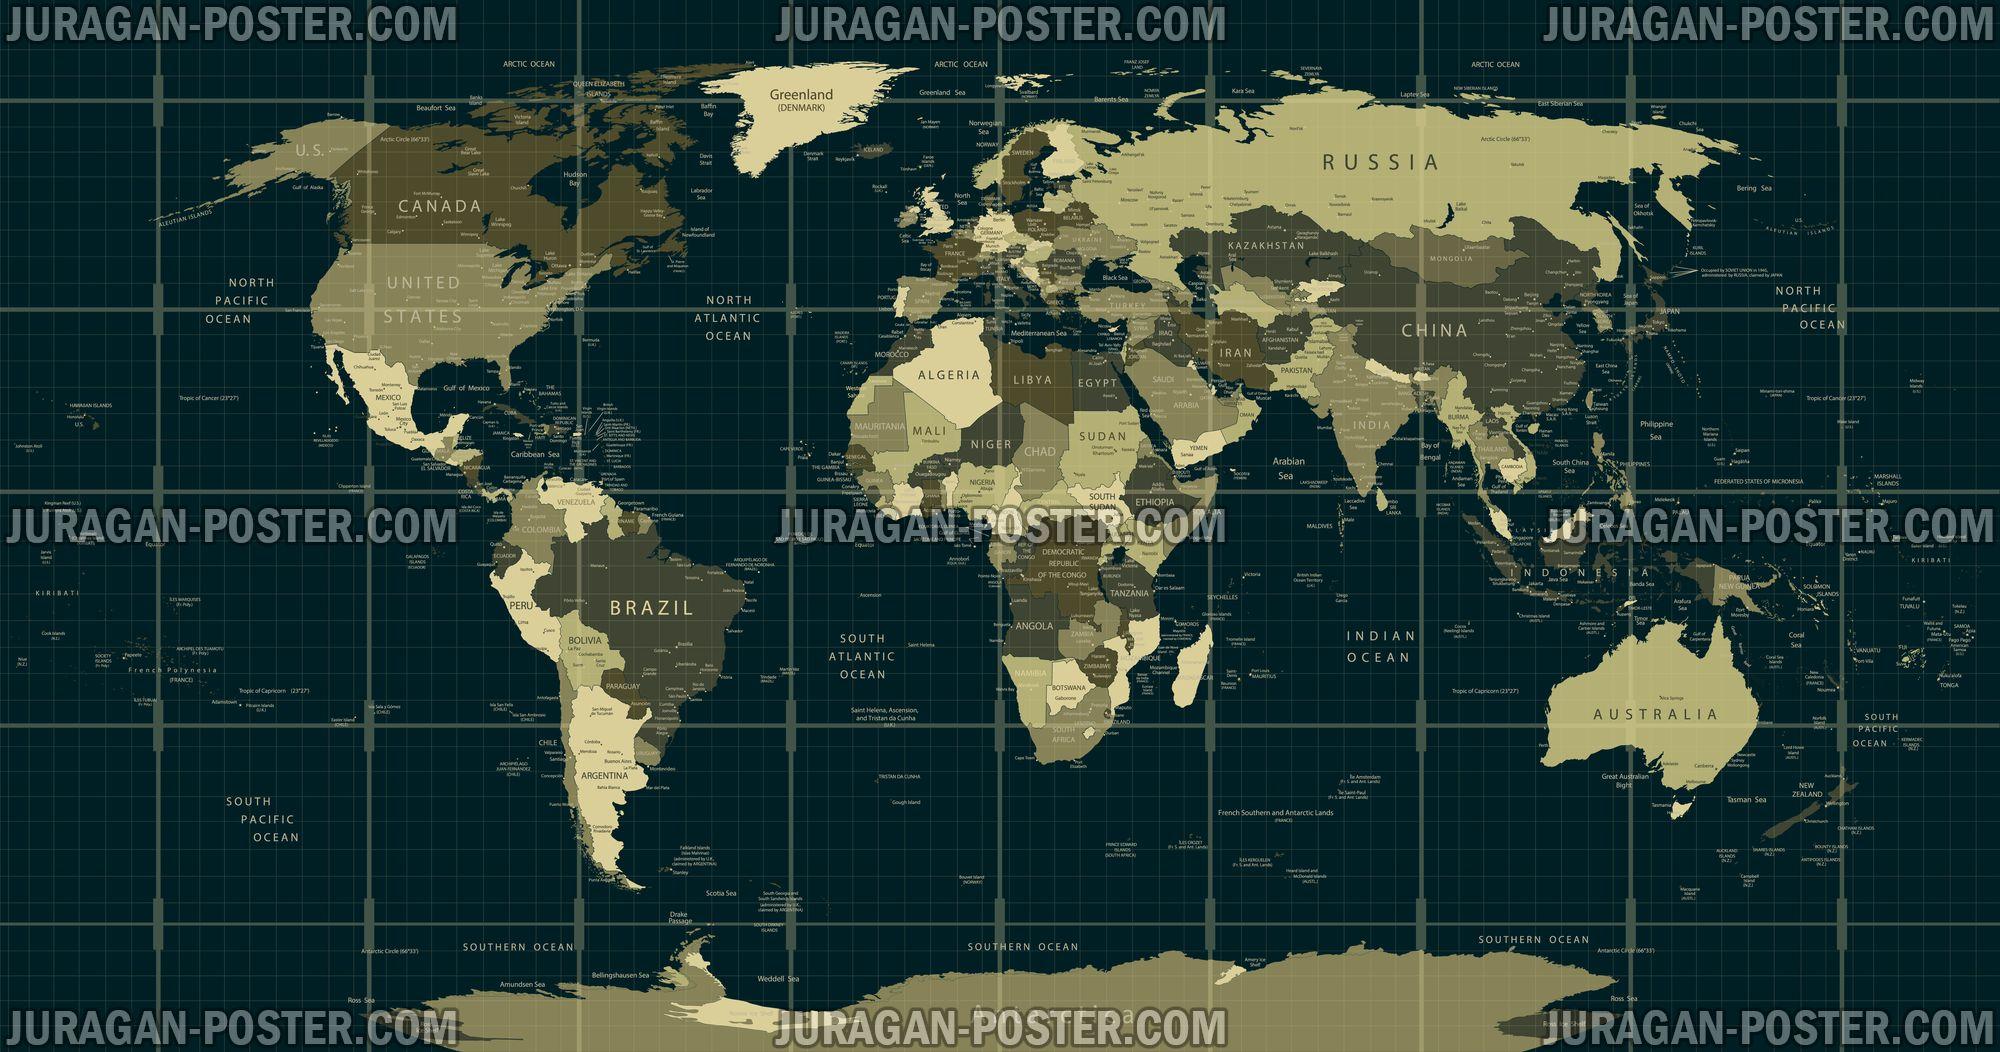 World Map  peta Dunia  Jual Poster di Juragan Poster